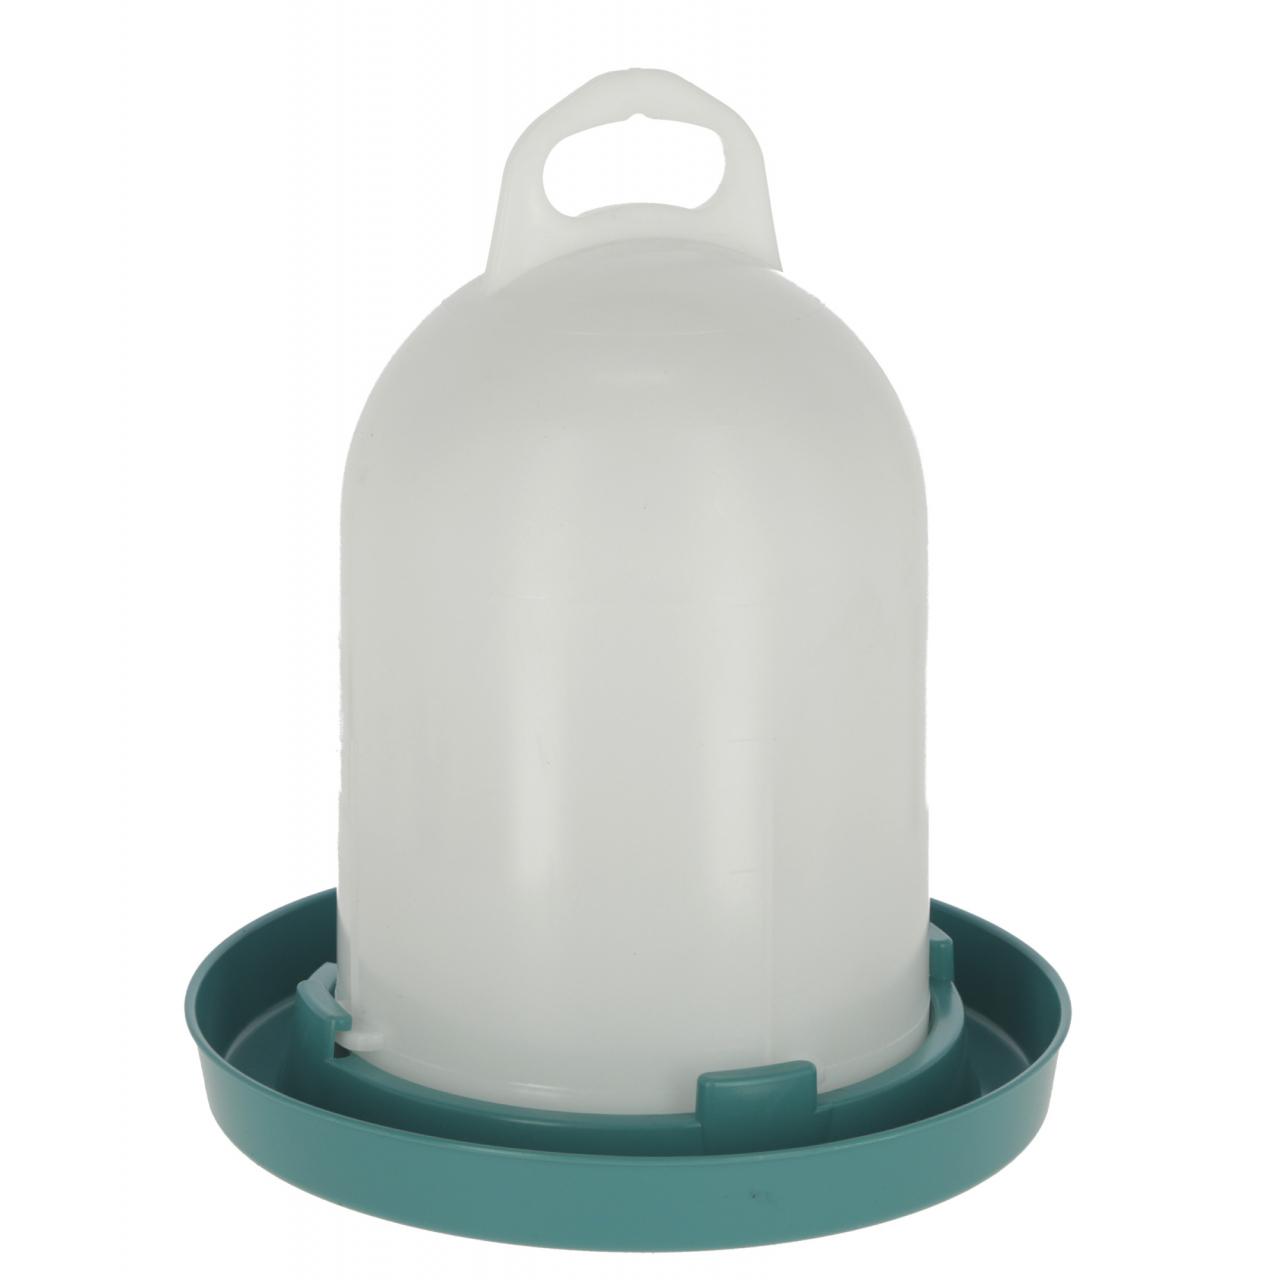 Műanyag itató, kék, 1,5 l